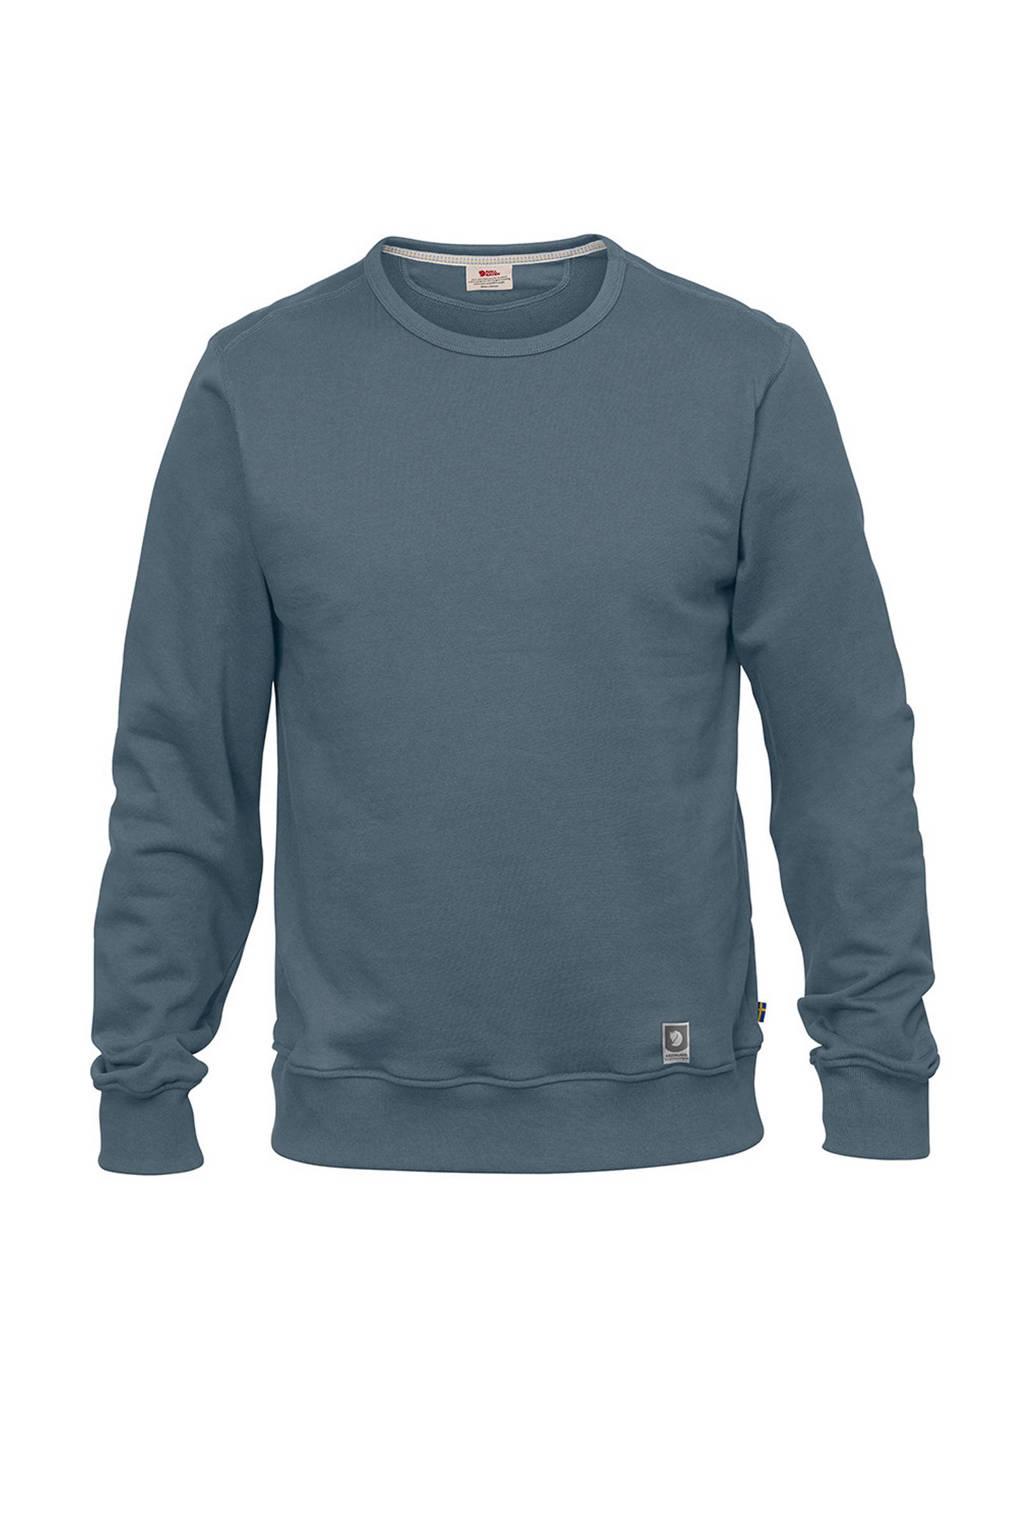 Fjällräven outdoor sweater Greenland, Lichtblauw